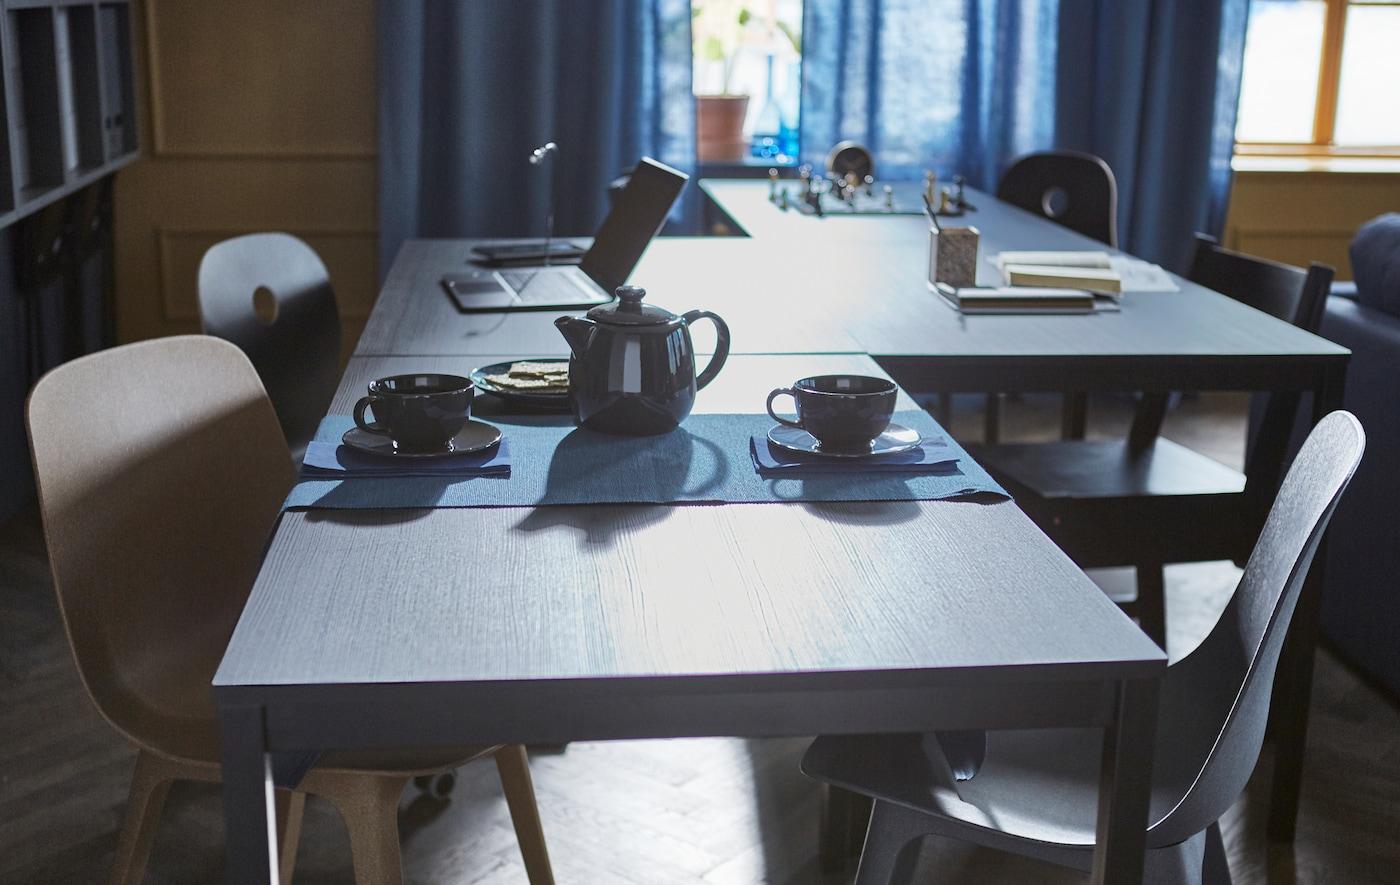 4 Tische sind in einer Zickzacklinie angeordnet, damit daran verschiedene Aktivitäten, wie Schach spielen, Hausaufgaben machen und Tee trinken, gleichzeitig stattfinden können.